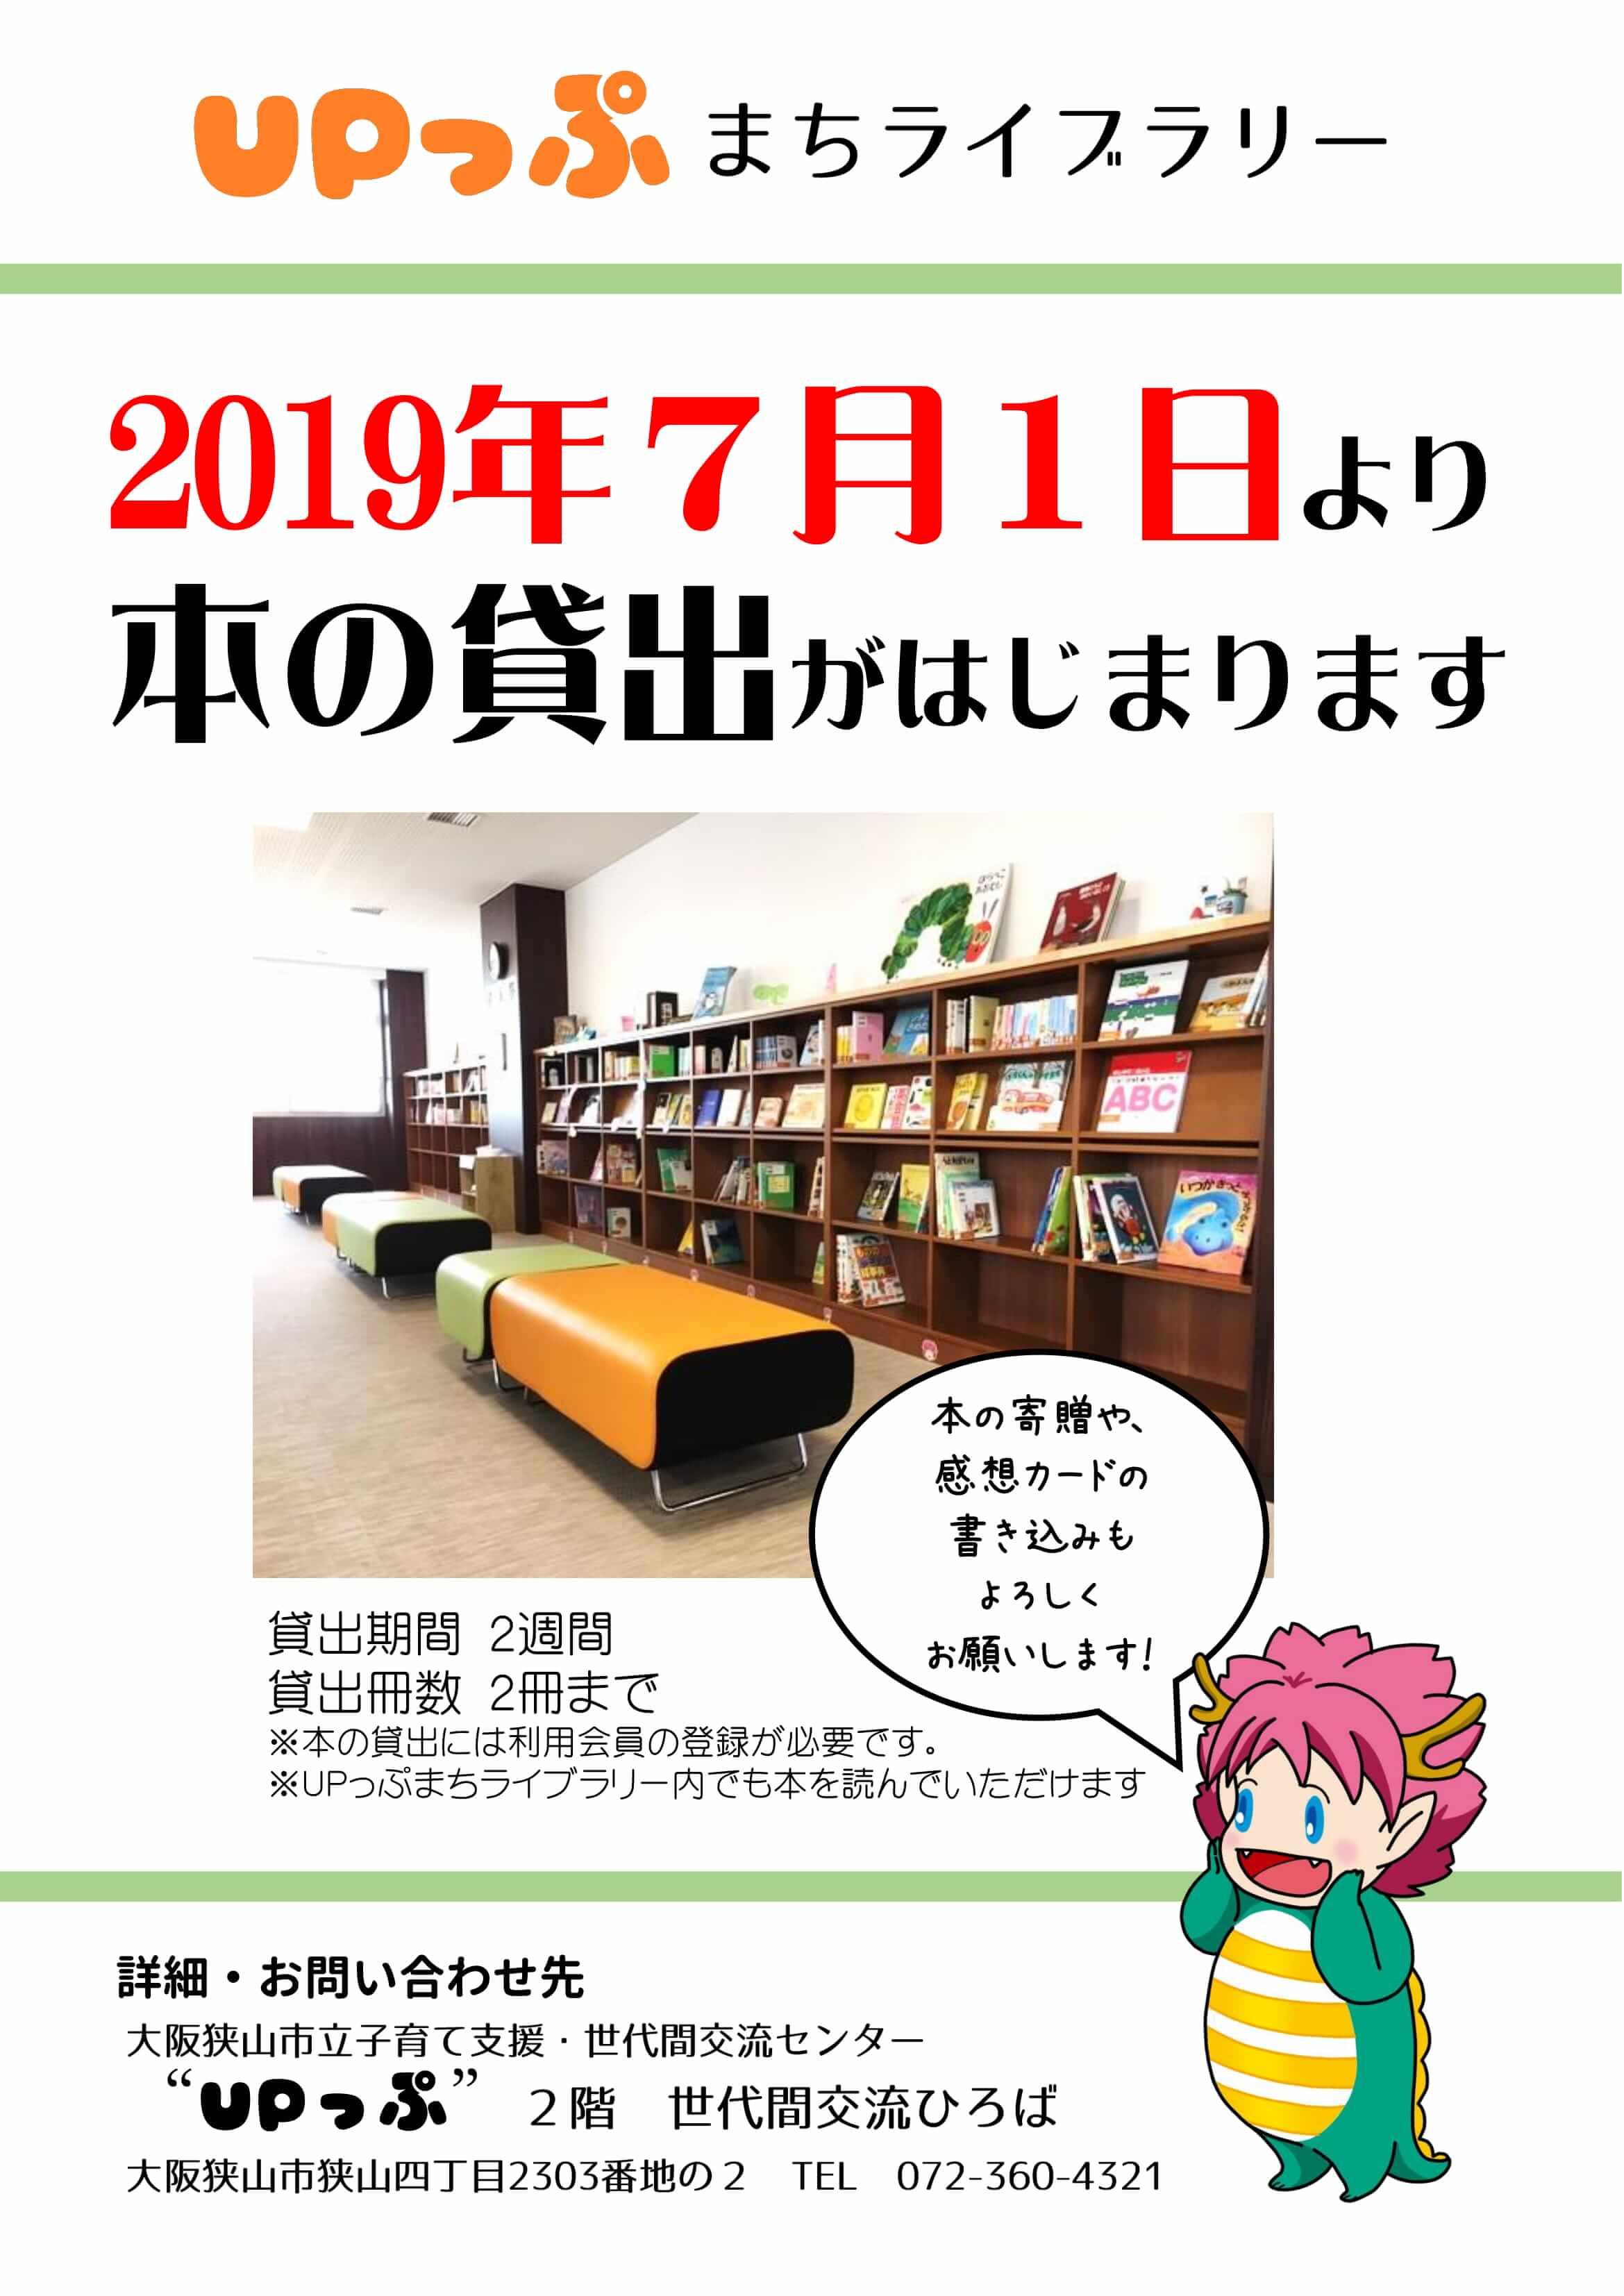 「UPっぷ まちライブラリー」本の貸出しが2019年7月1日から開始